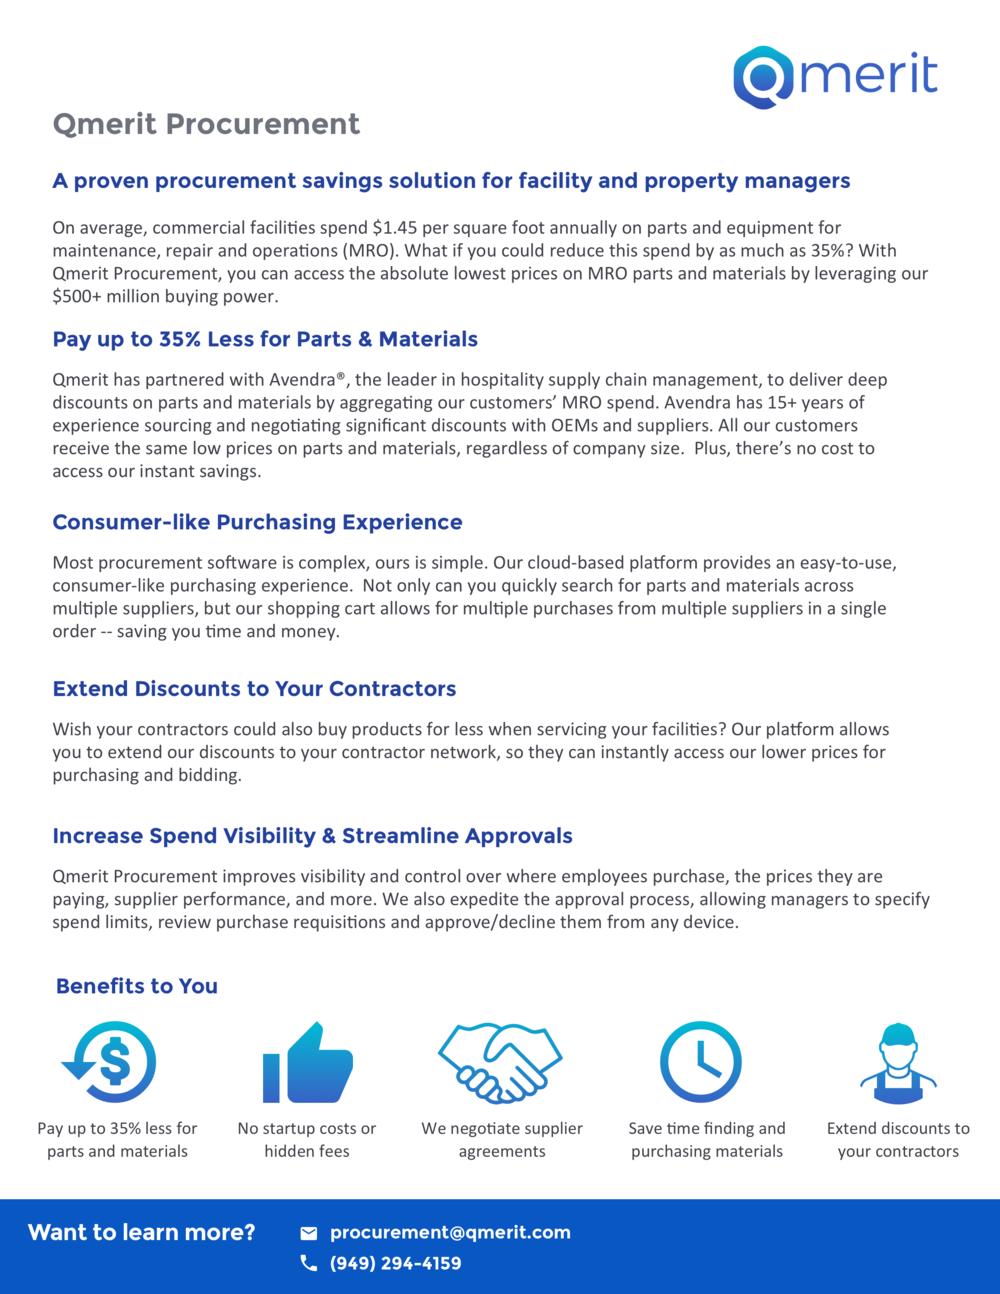 Qmerit Procurement Facility Management 4.6.png